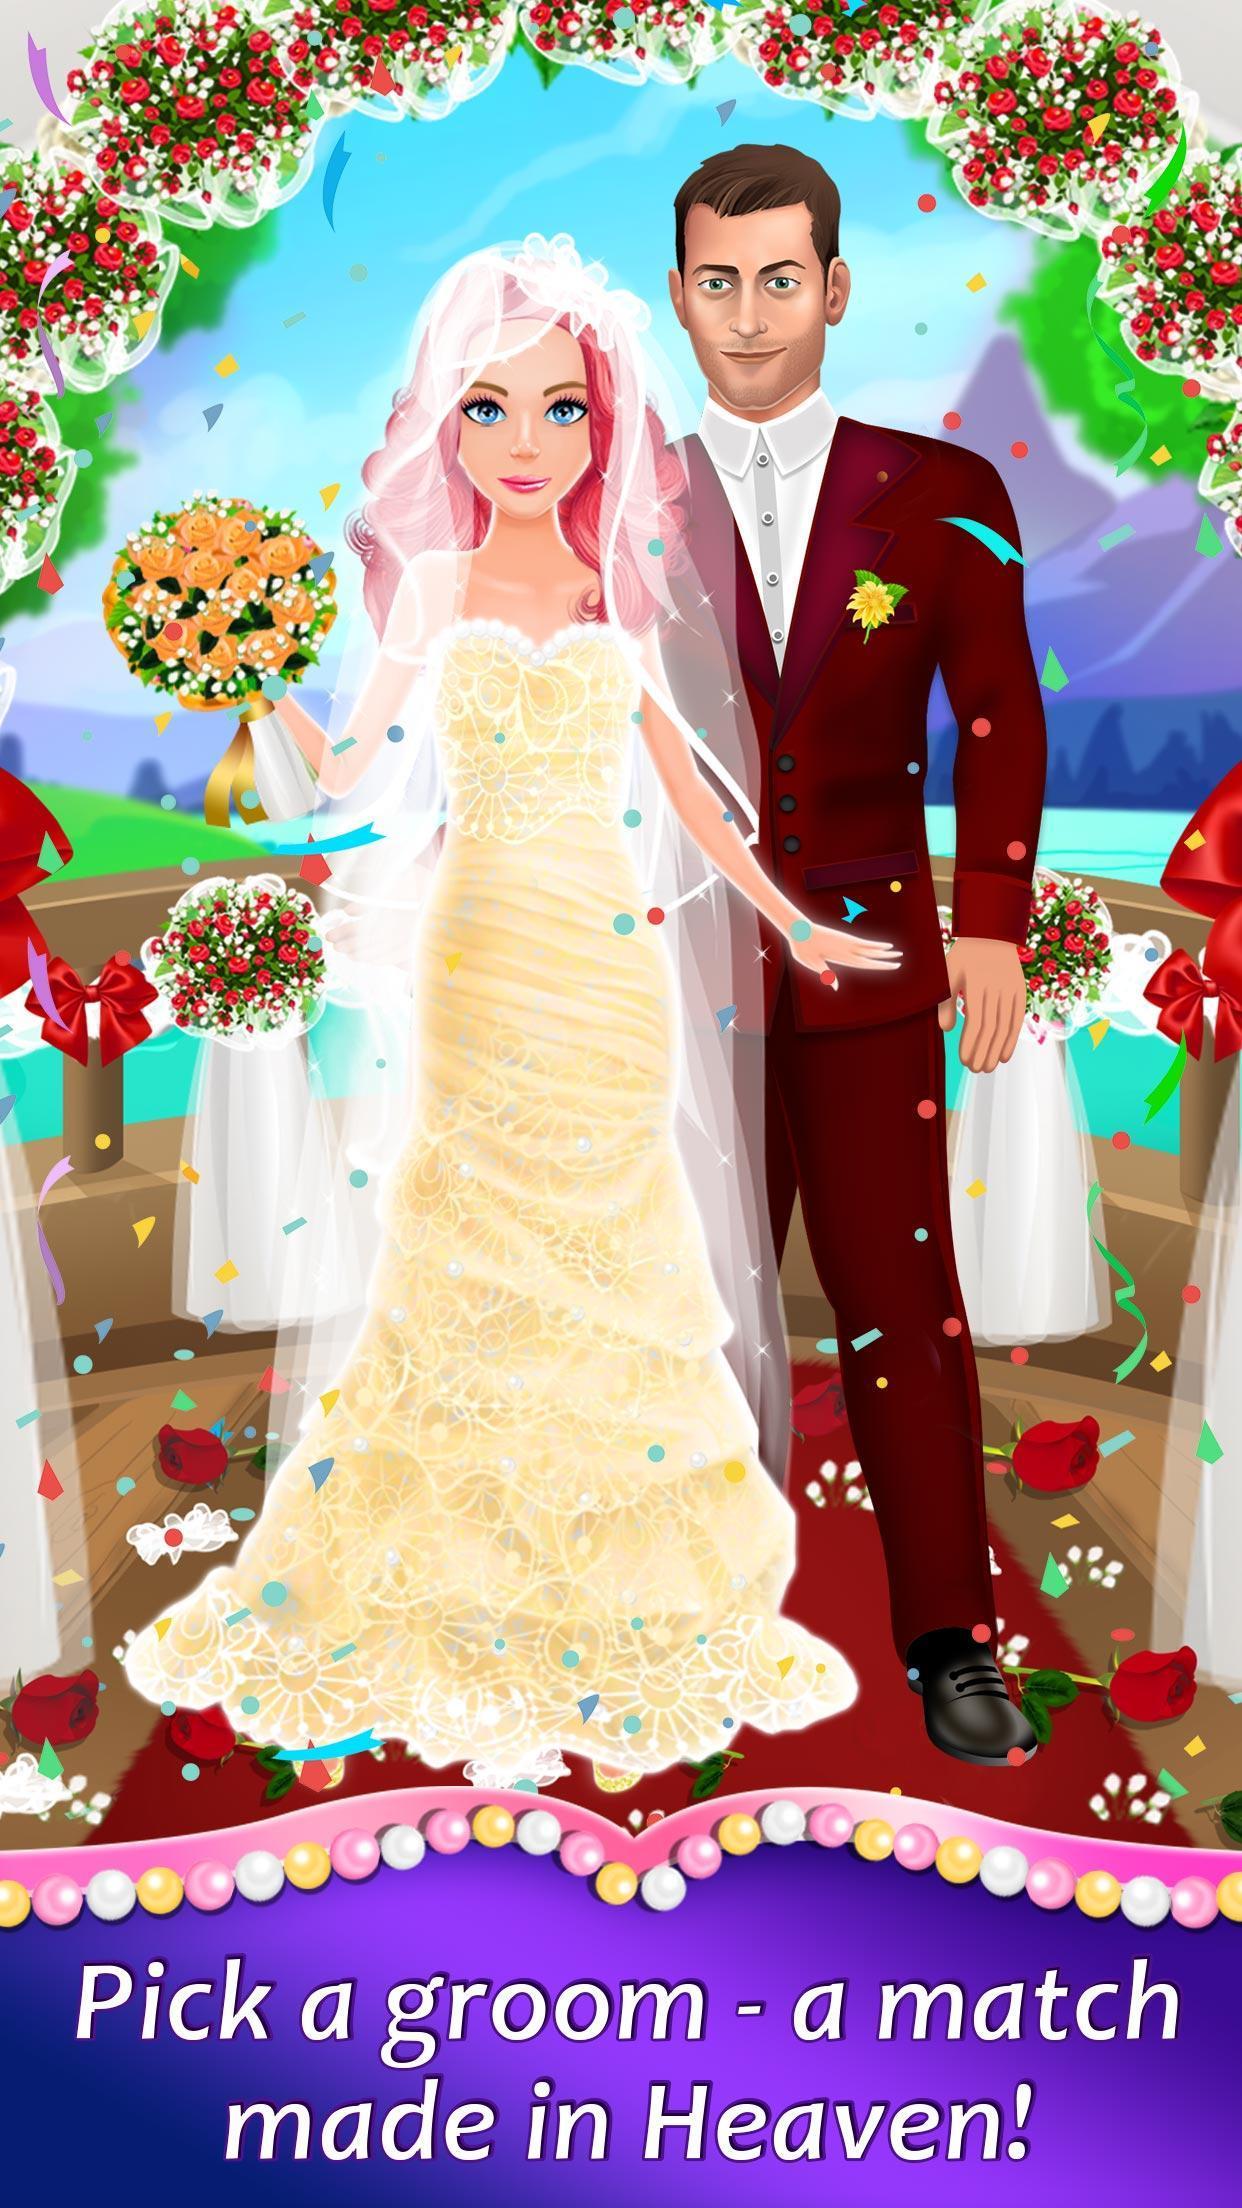 Salon untuk gaun pengantin - Permainan mode for Android - APK Download